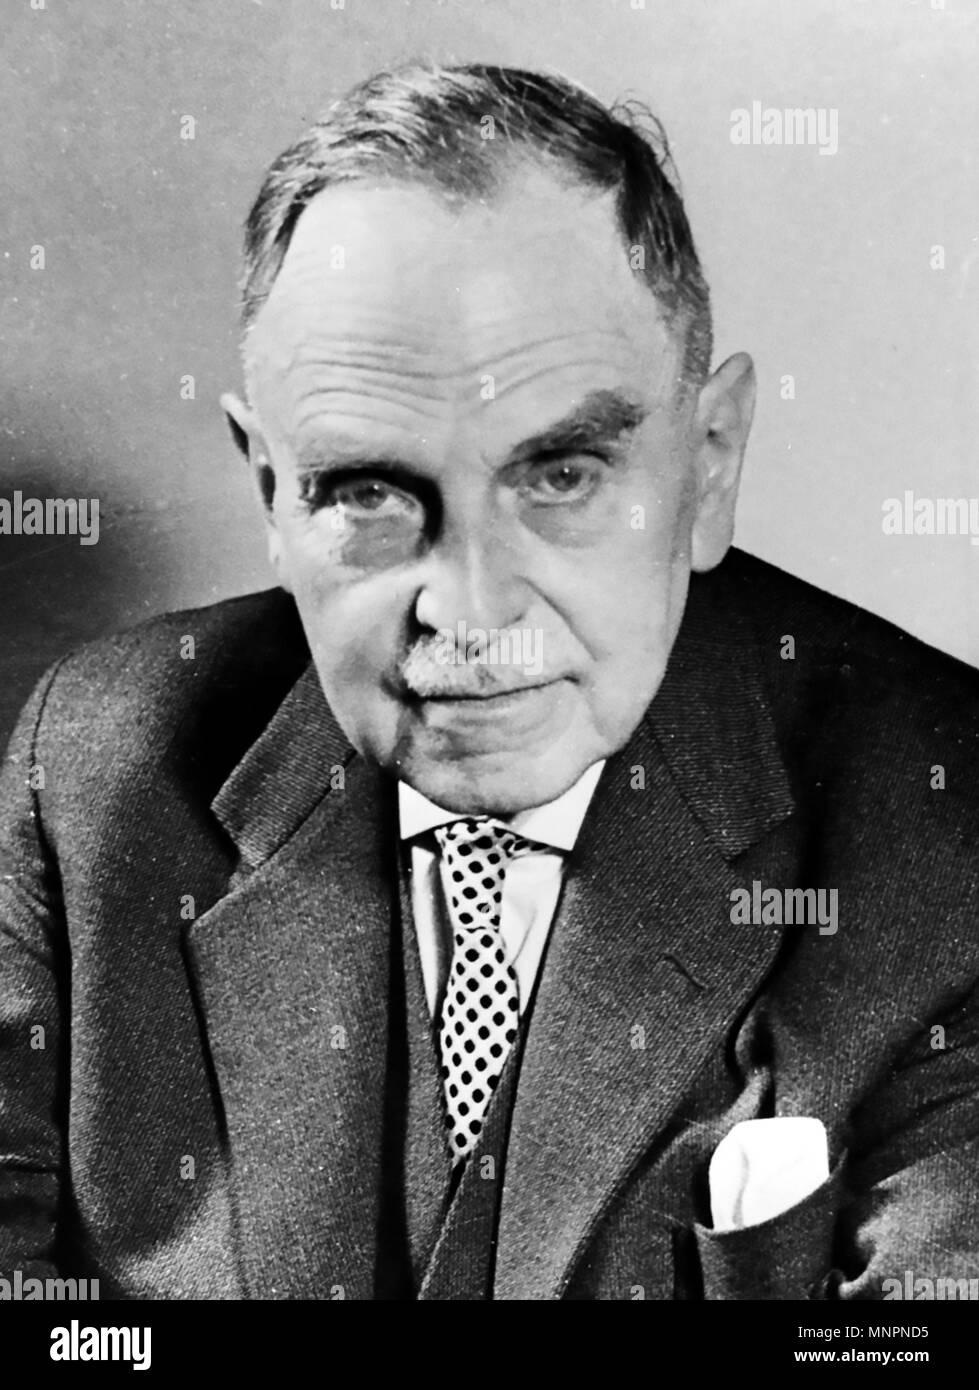 OTTO HAHN (1879-1968) deutscher Chemiker, der mehrere Radio aktive Elemente entdeckt Stockbild